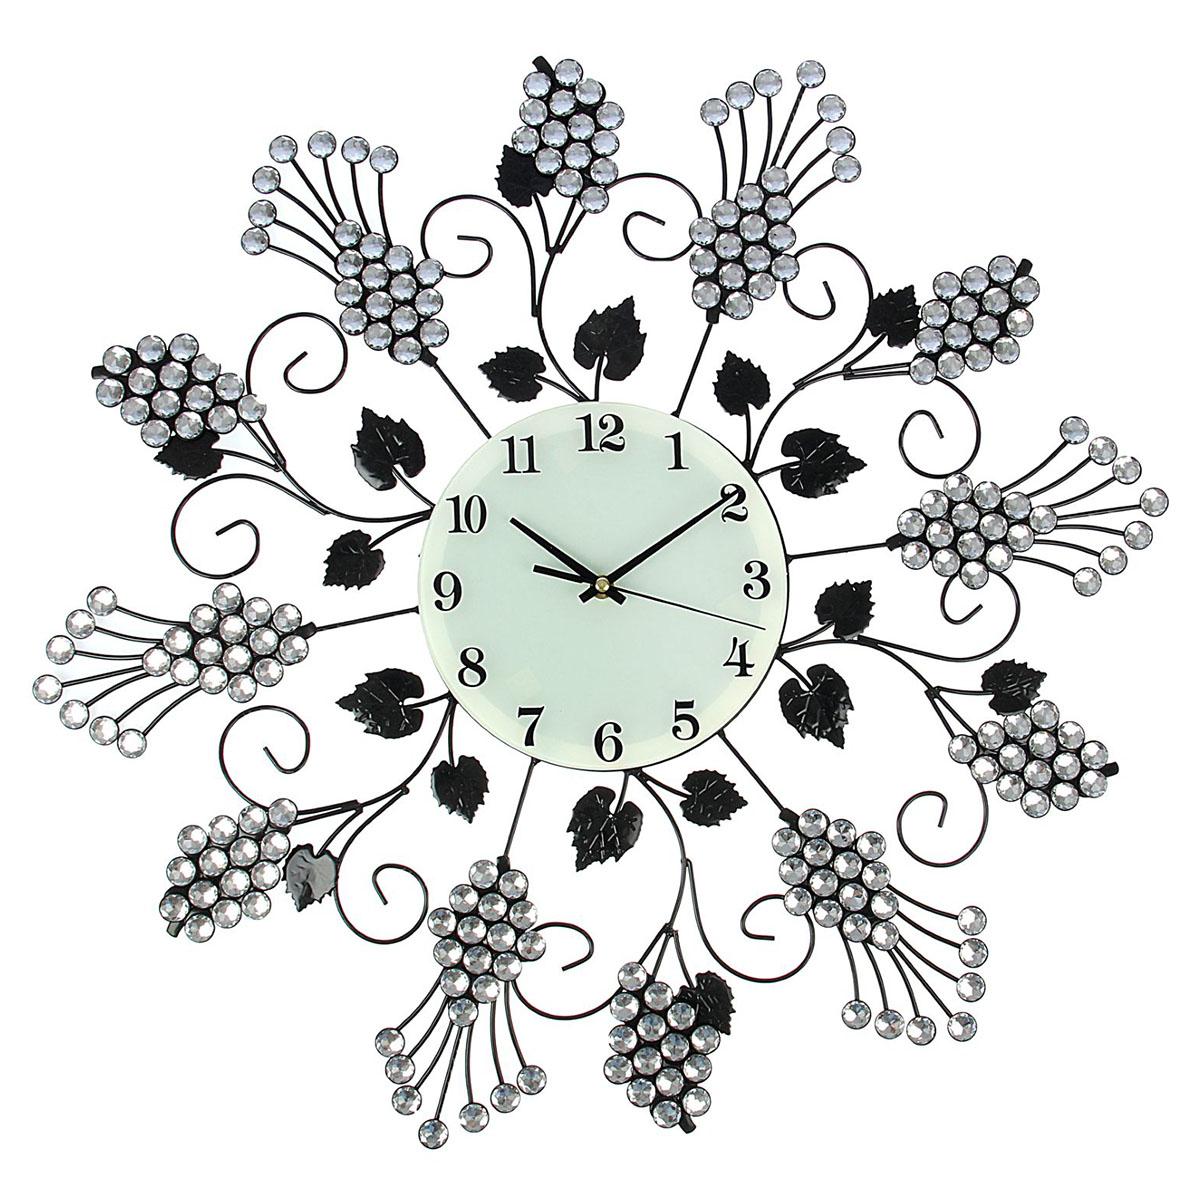 Часы настенные Ажур. Виноградная лоза с листочками, диаметр 62 см834706Каждому хозяину периодически приходит мысль обновить свою квартиру, сделать ремонт, перестановку или кардинально поменять внешний вид каждой комнаты. Часы настенные интерьерные Серия Ажур. Виноградная лоза из страз, d=62 см — привлекательная деталь, которая поможет воплотить вашу интерьерную идею, создать неповторимую атмосферу в вашем доме. Окружите себя приятными мелочами, пусть они радуют глаз и дарят гармонию.Часы настенные серия Ажур,циферблат круг, виноградная лоза из страз с листочками, d=62см 834706